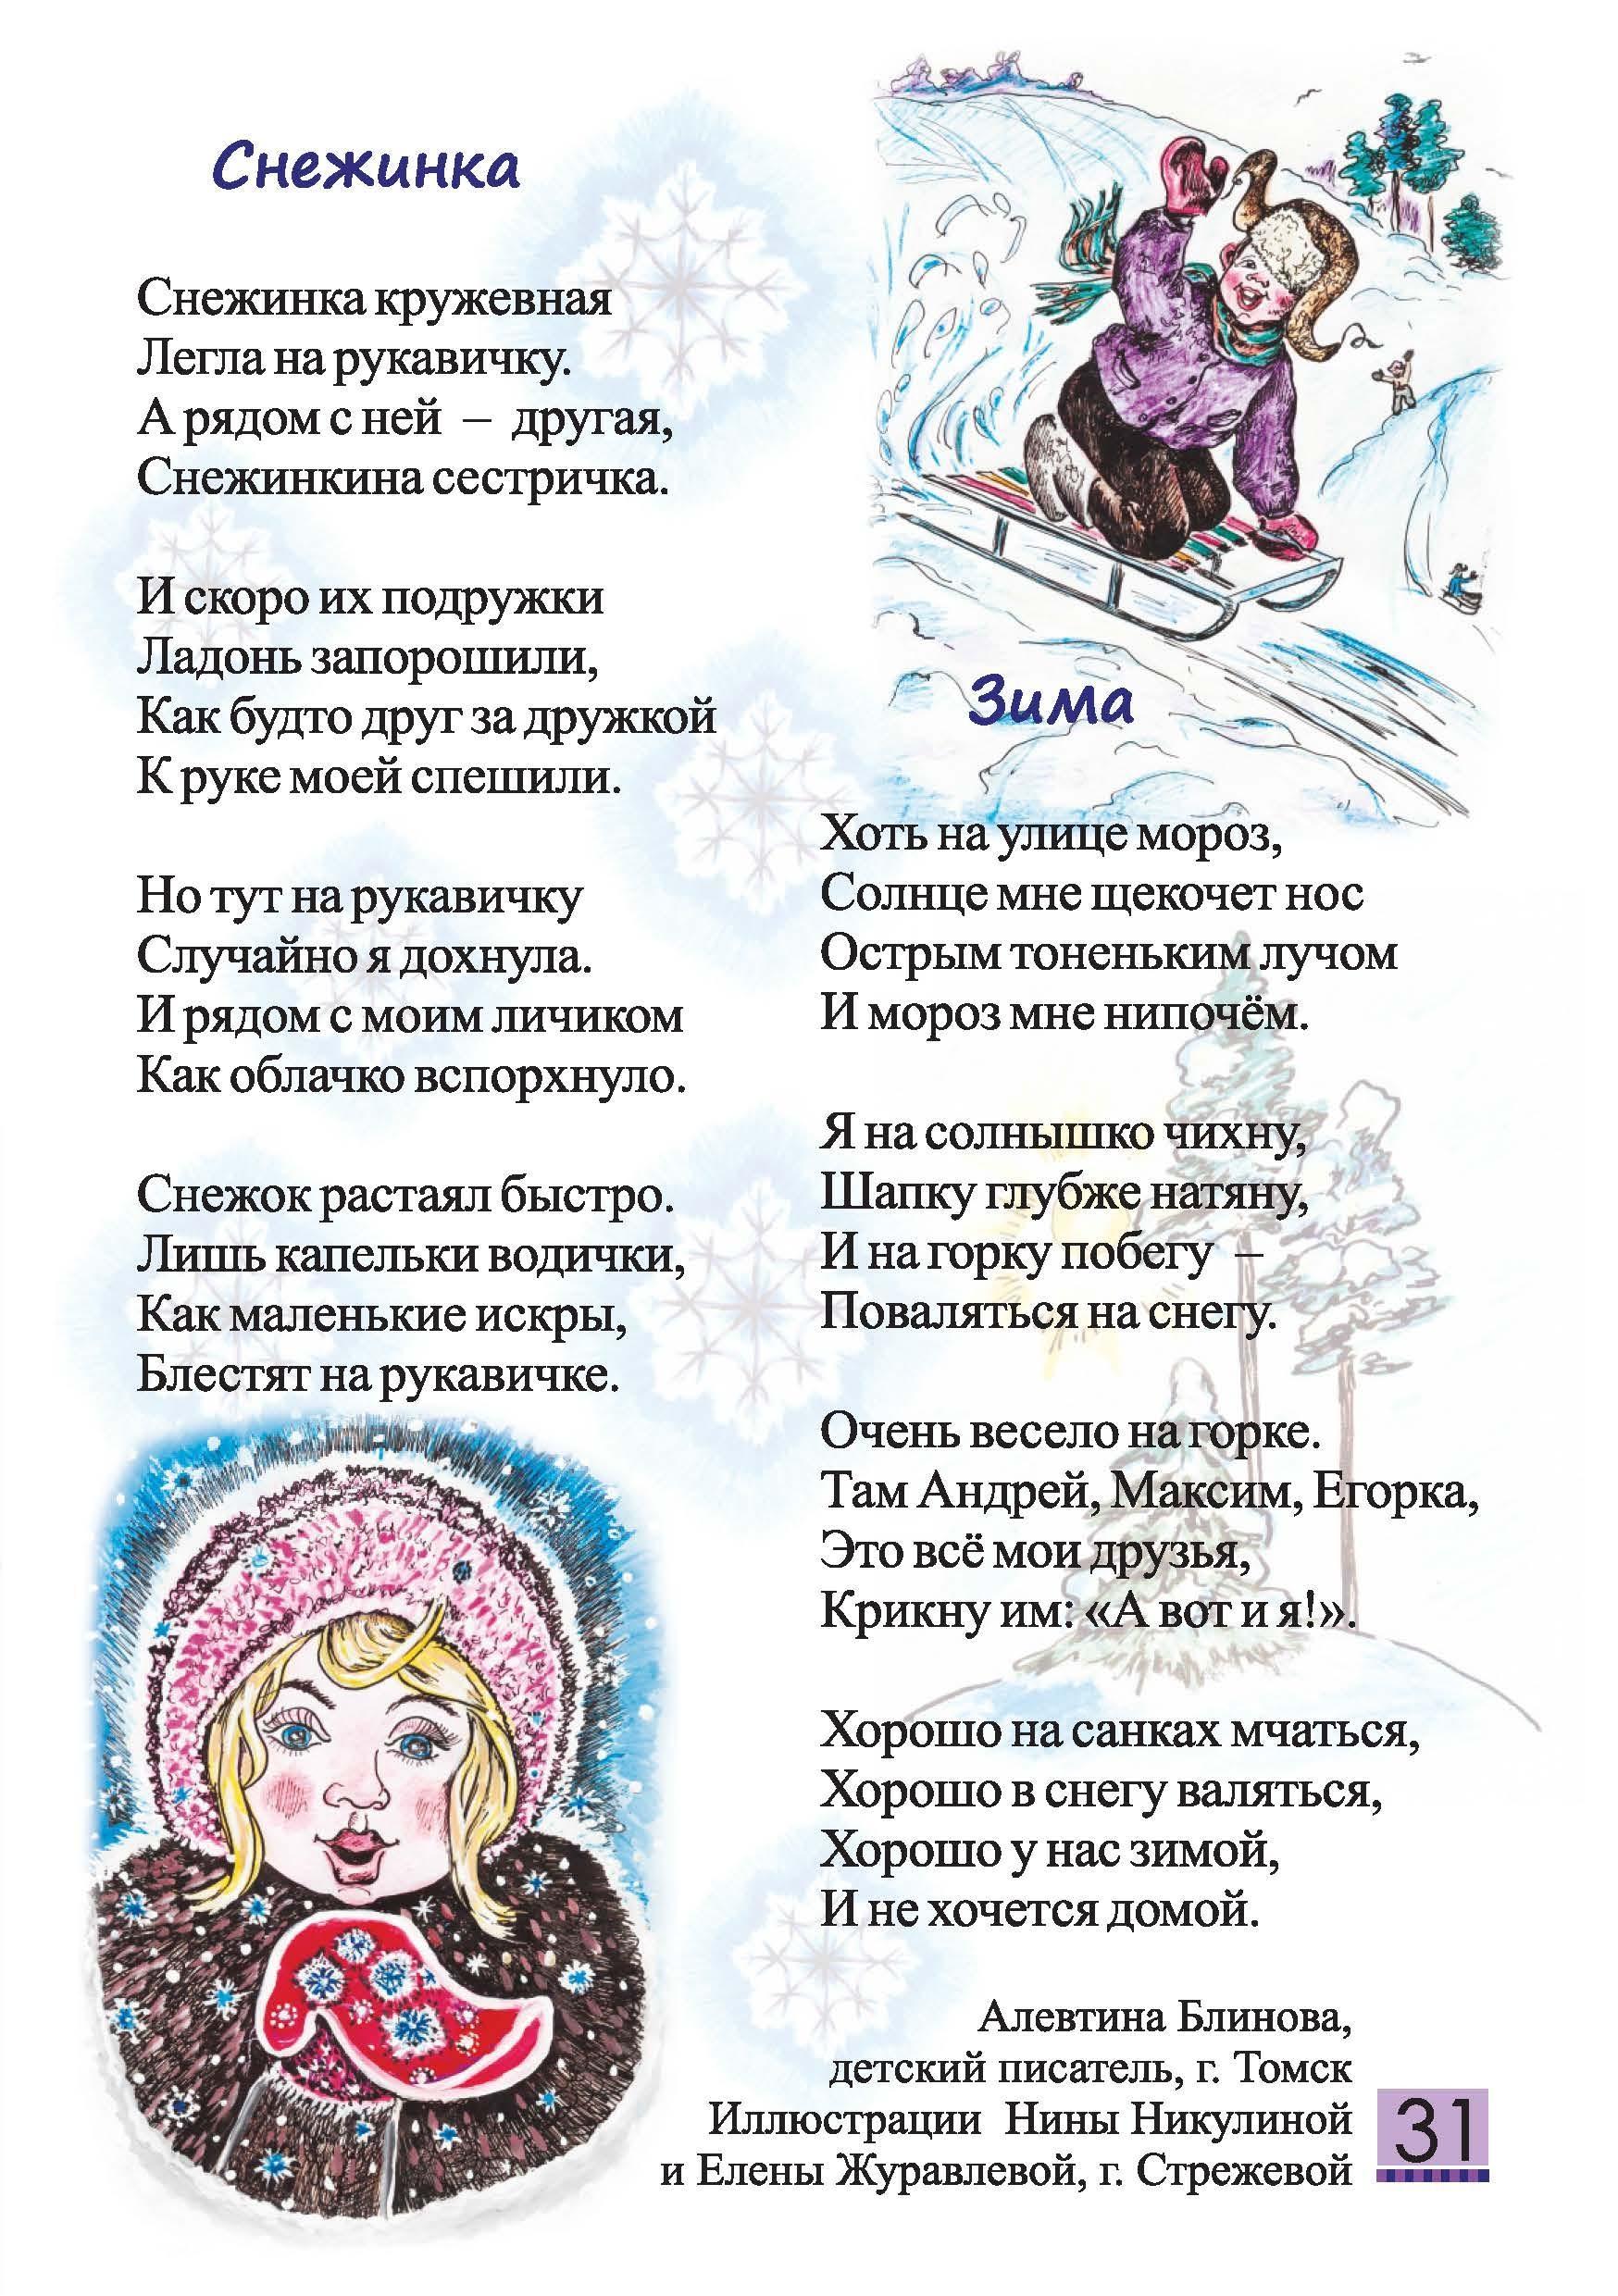 Детский журнал Енот - 2019.11 Страница 31